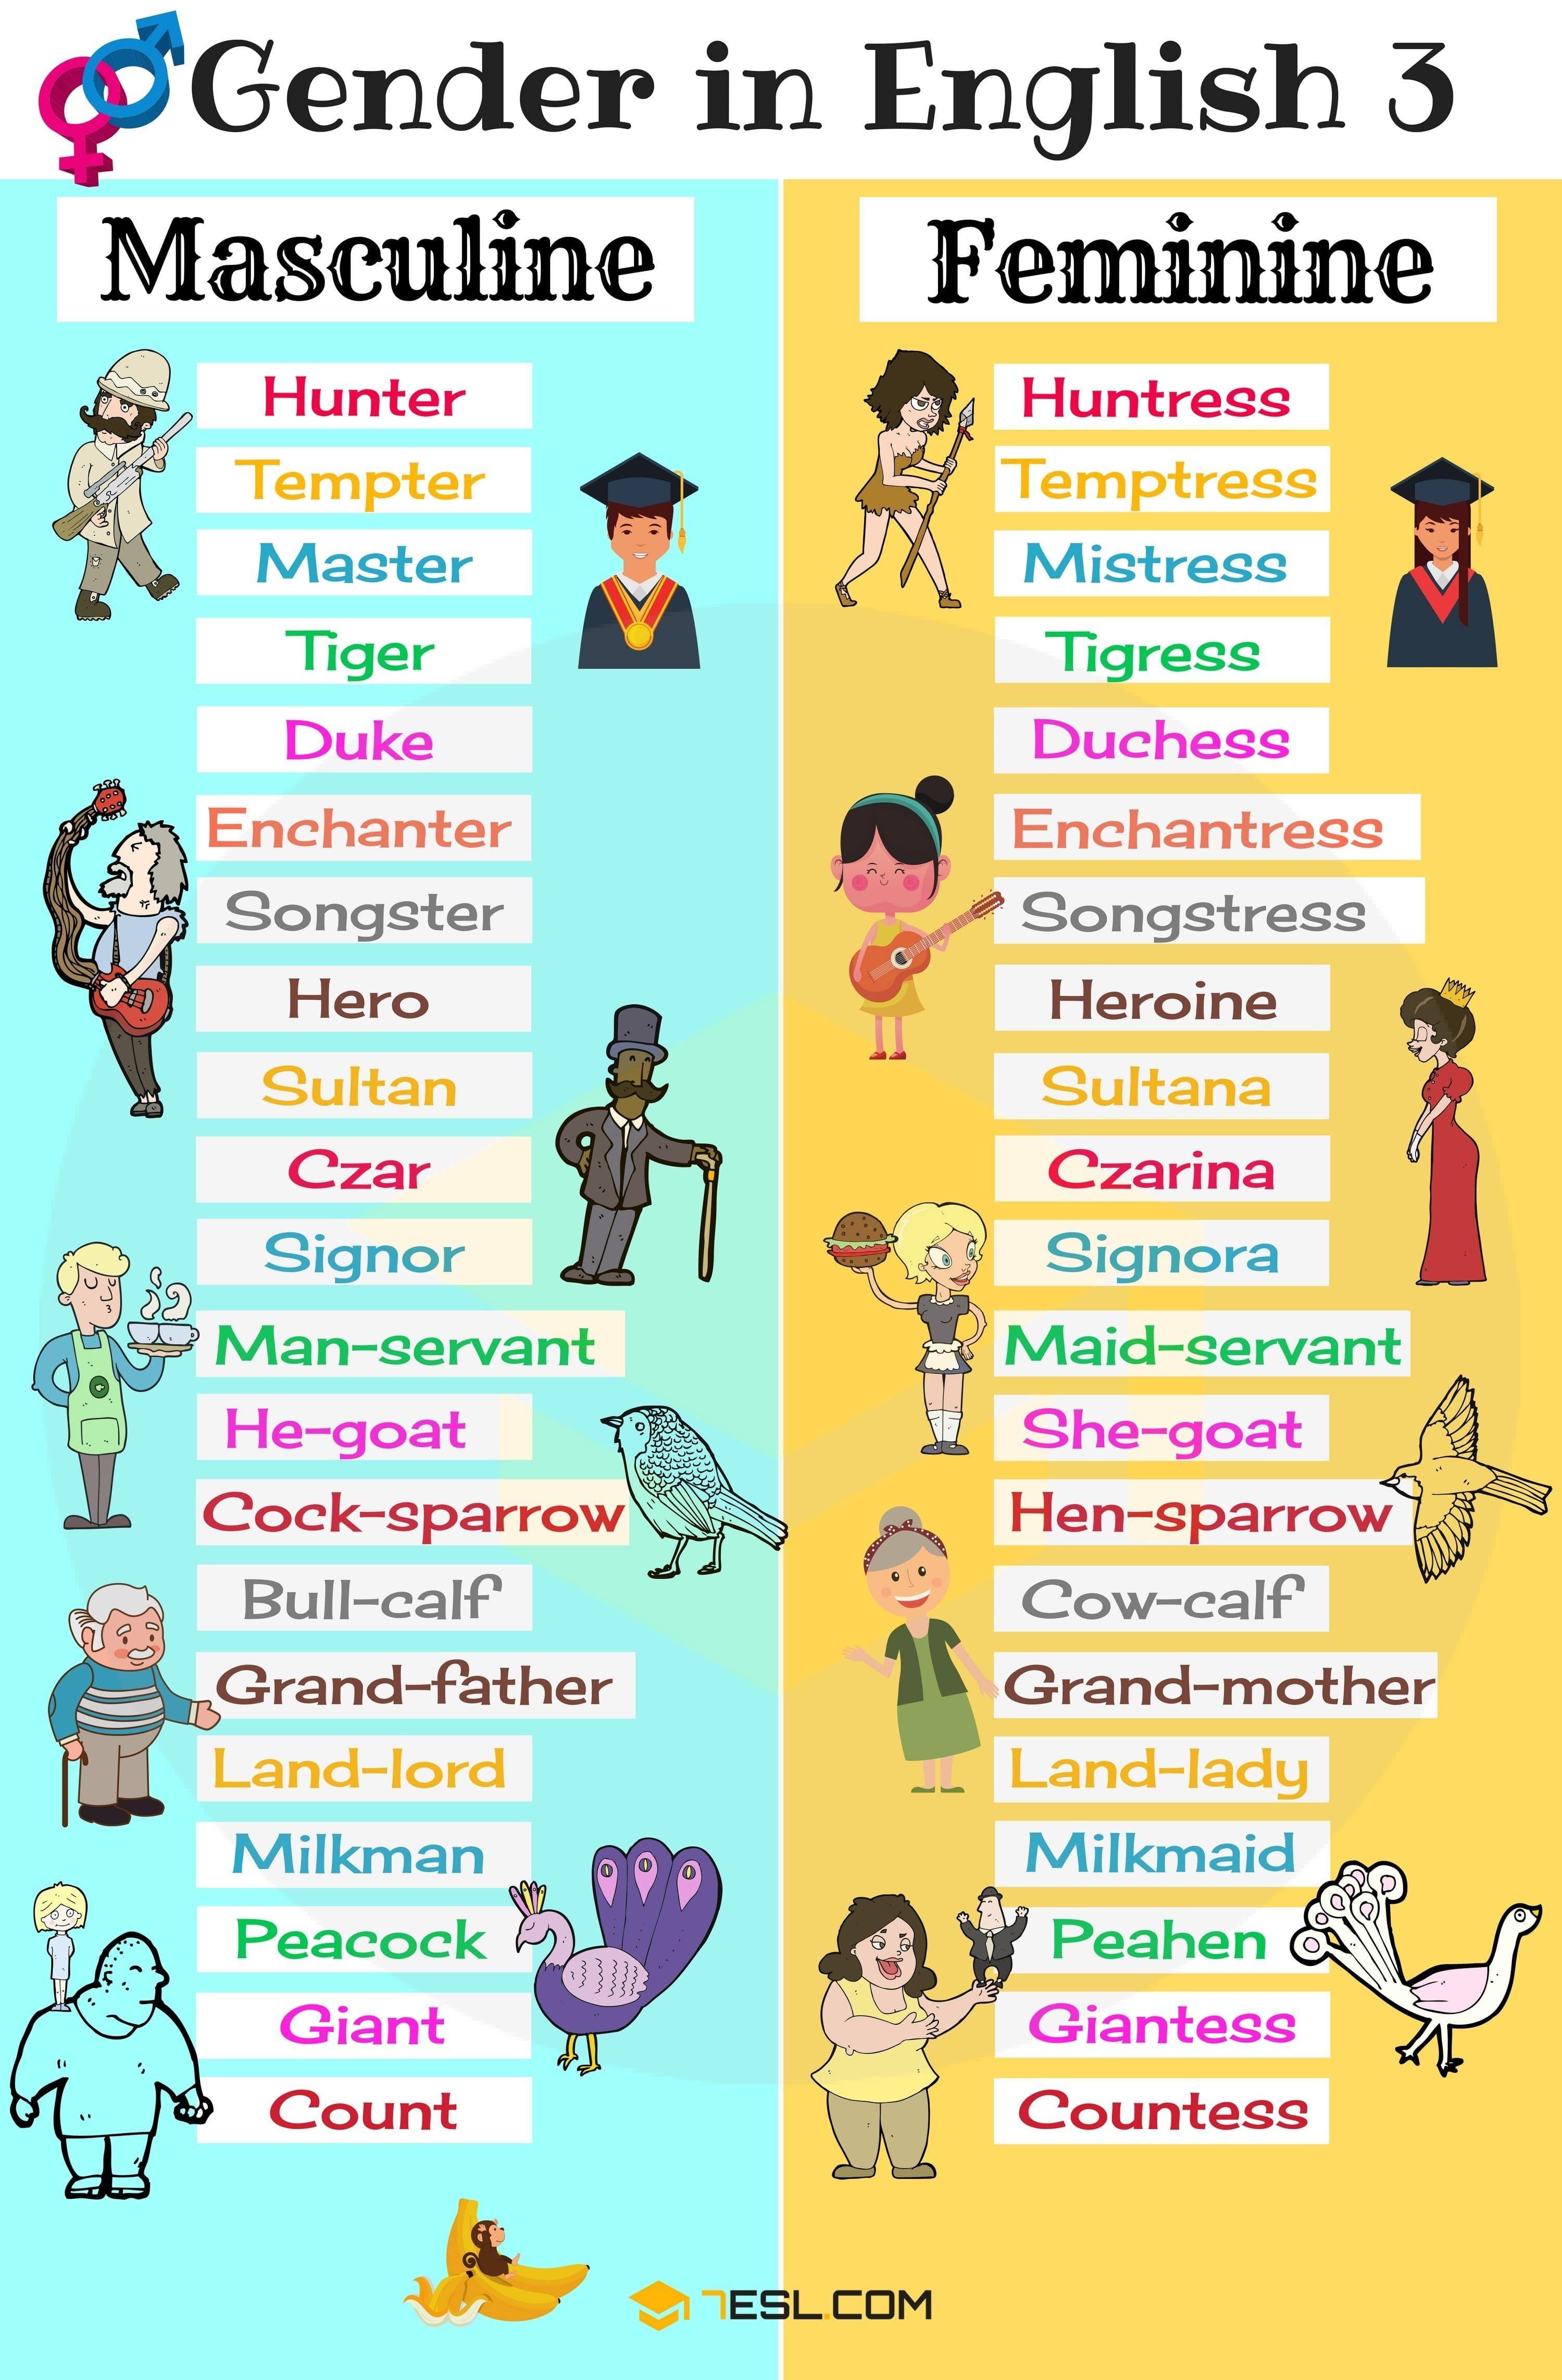 کلمات نشان دهندۀ جنسیت (Gender) در زبان انگلیسی